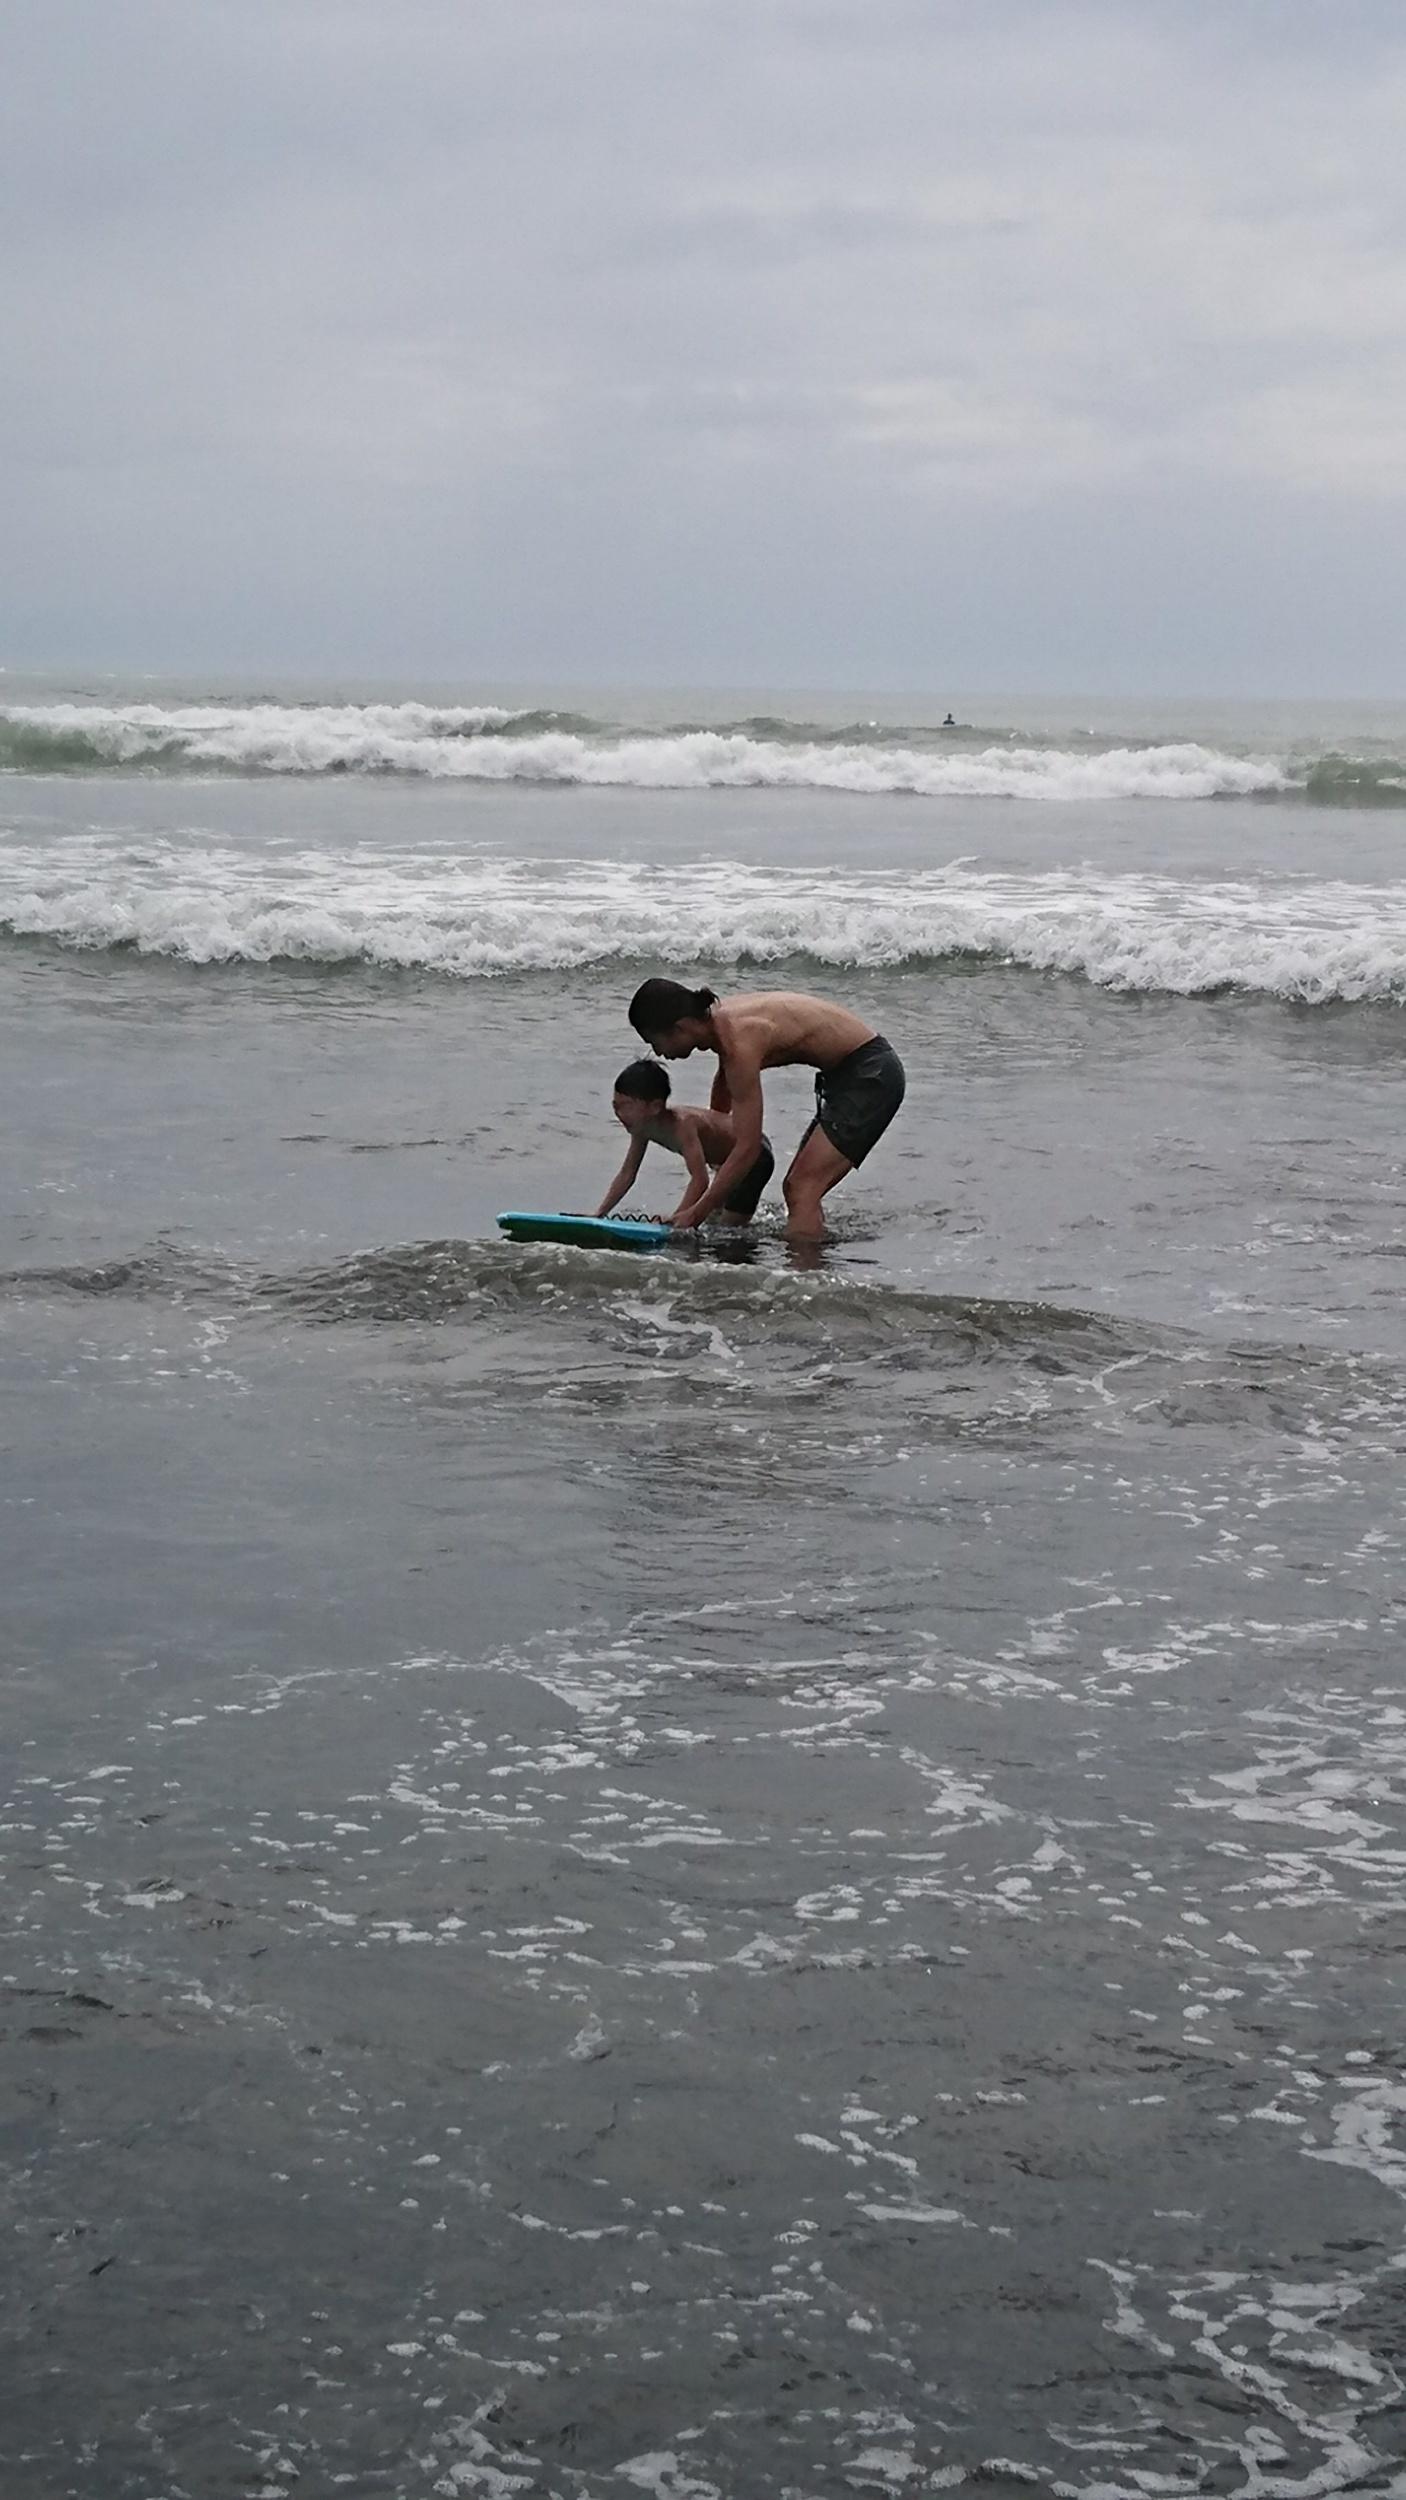 サーファーの兄貴たちに、  誰にも負けない強い子に鍛えられますように    ママより